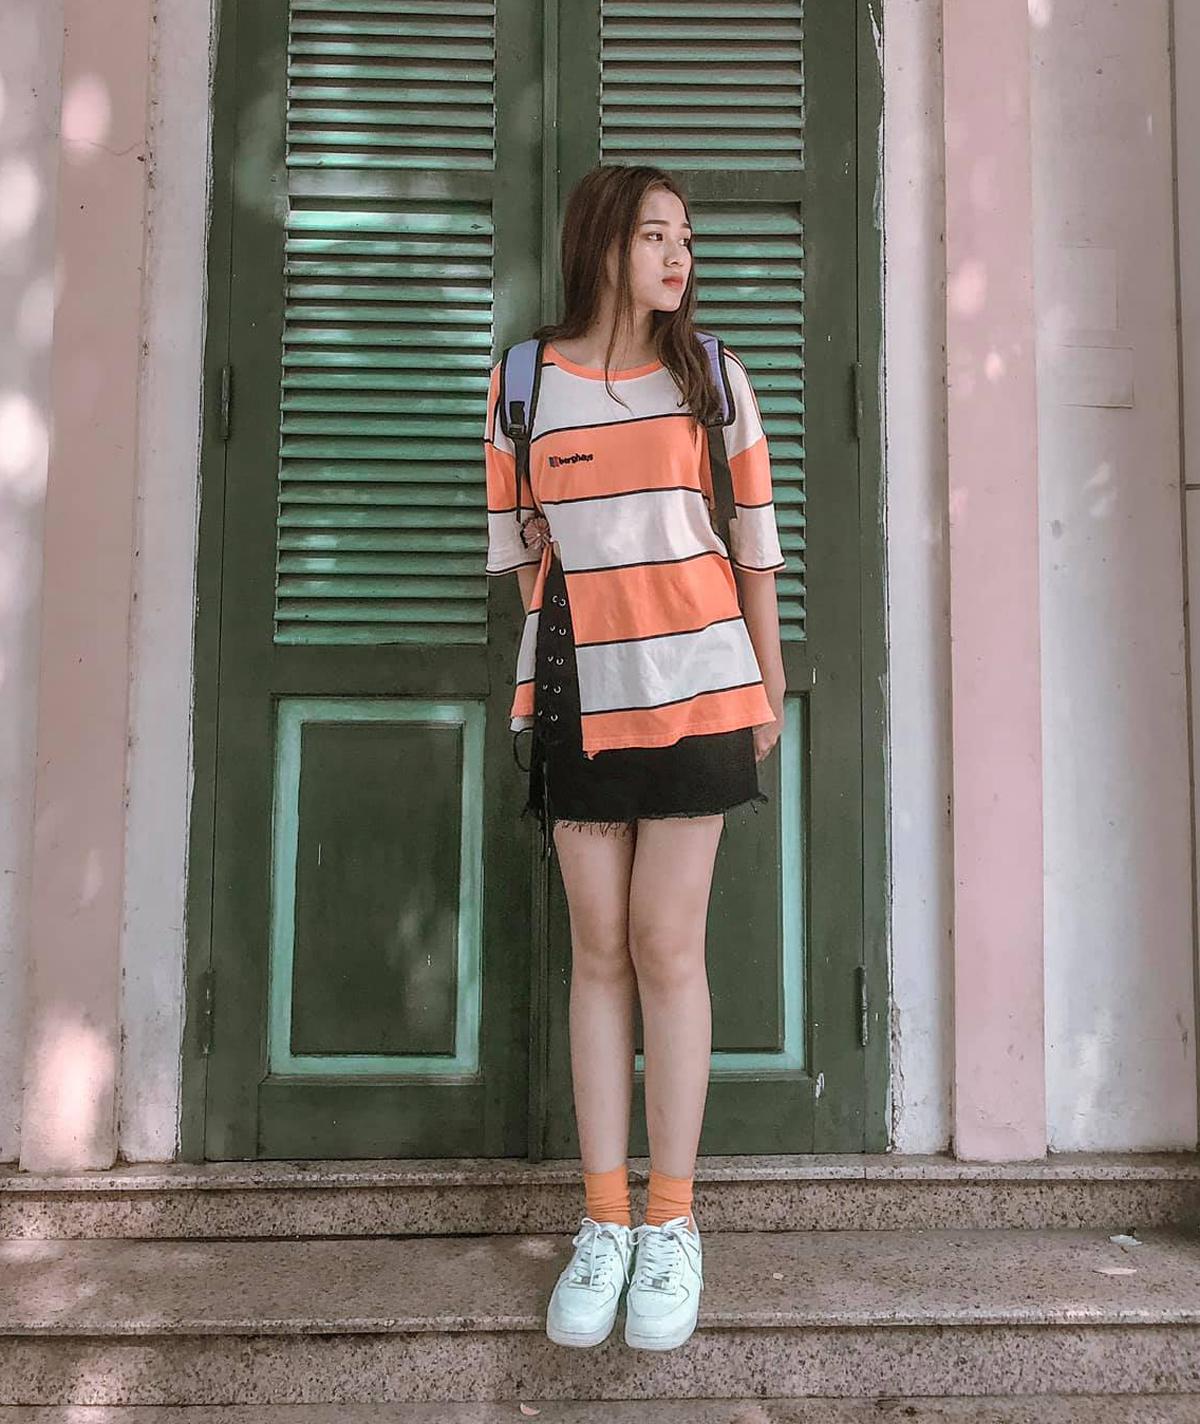 Tuy mặc đồ đơn giản, Đỗ Hà cũng biết cách tạo điểm nhấn để trang phục nổi bật hơn. Khi diện áo phông cam, cô khéo mix cùng đôi tất tông xuyệt tông màu sắc.